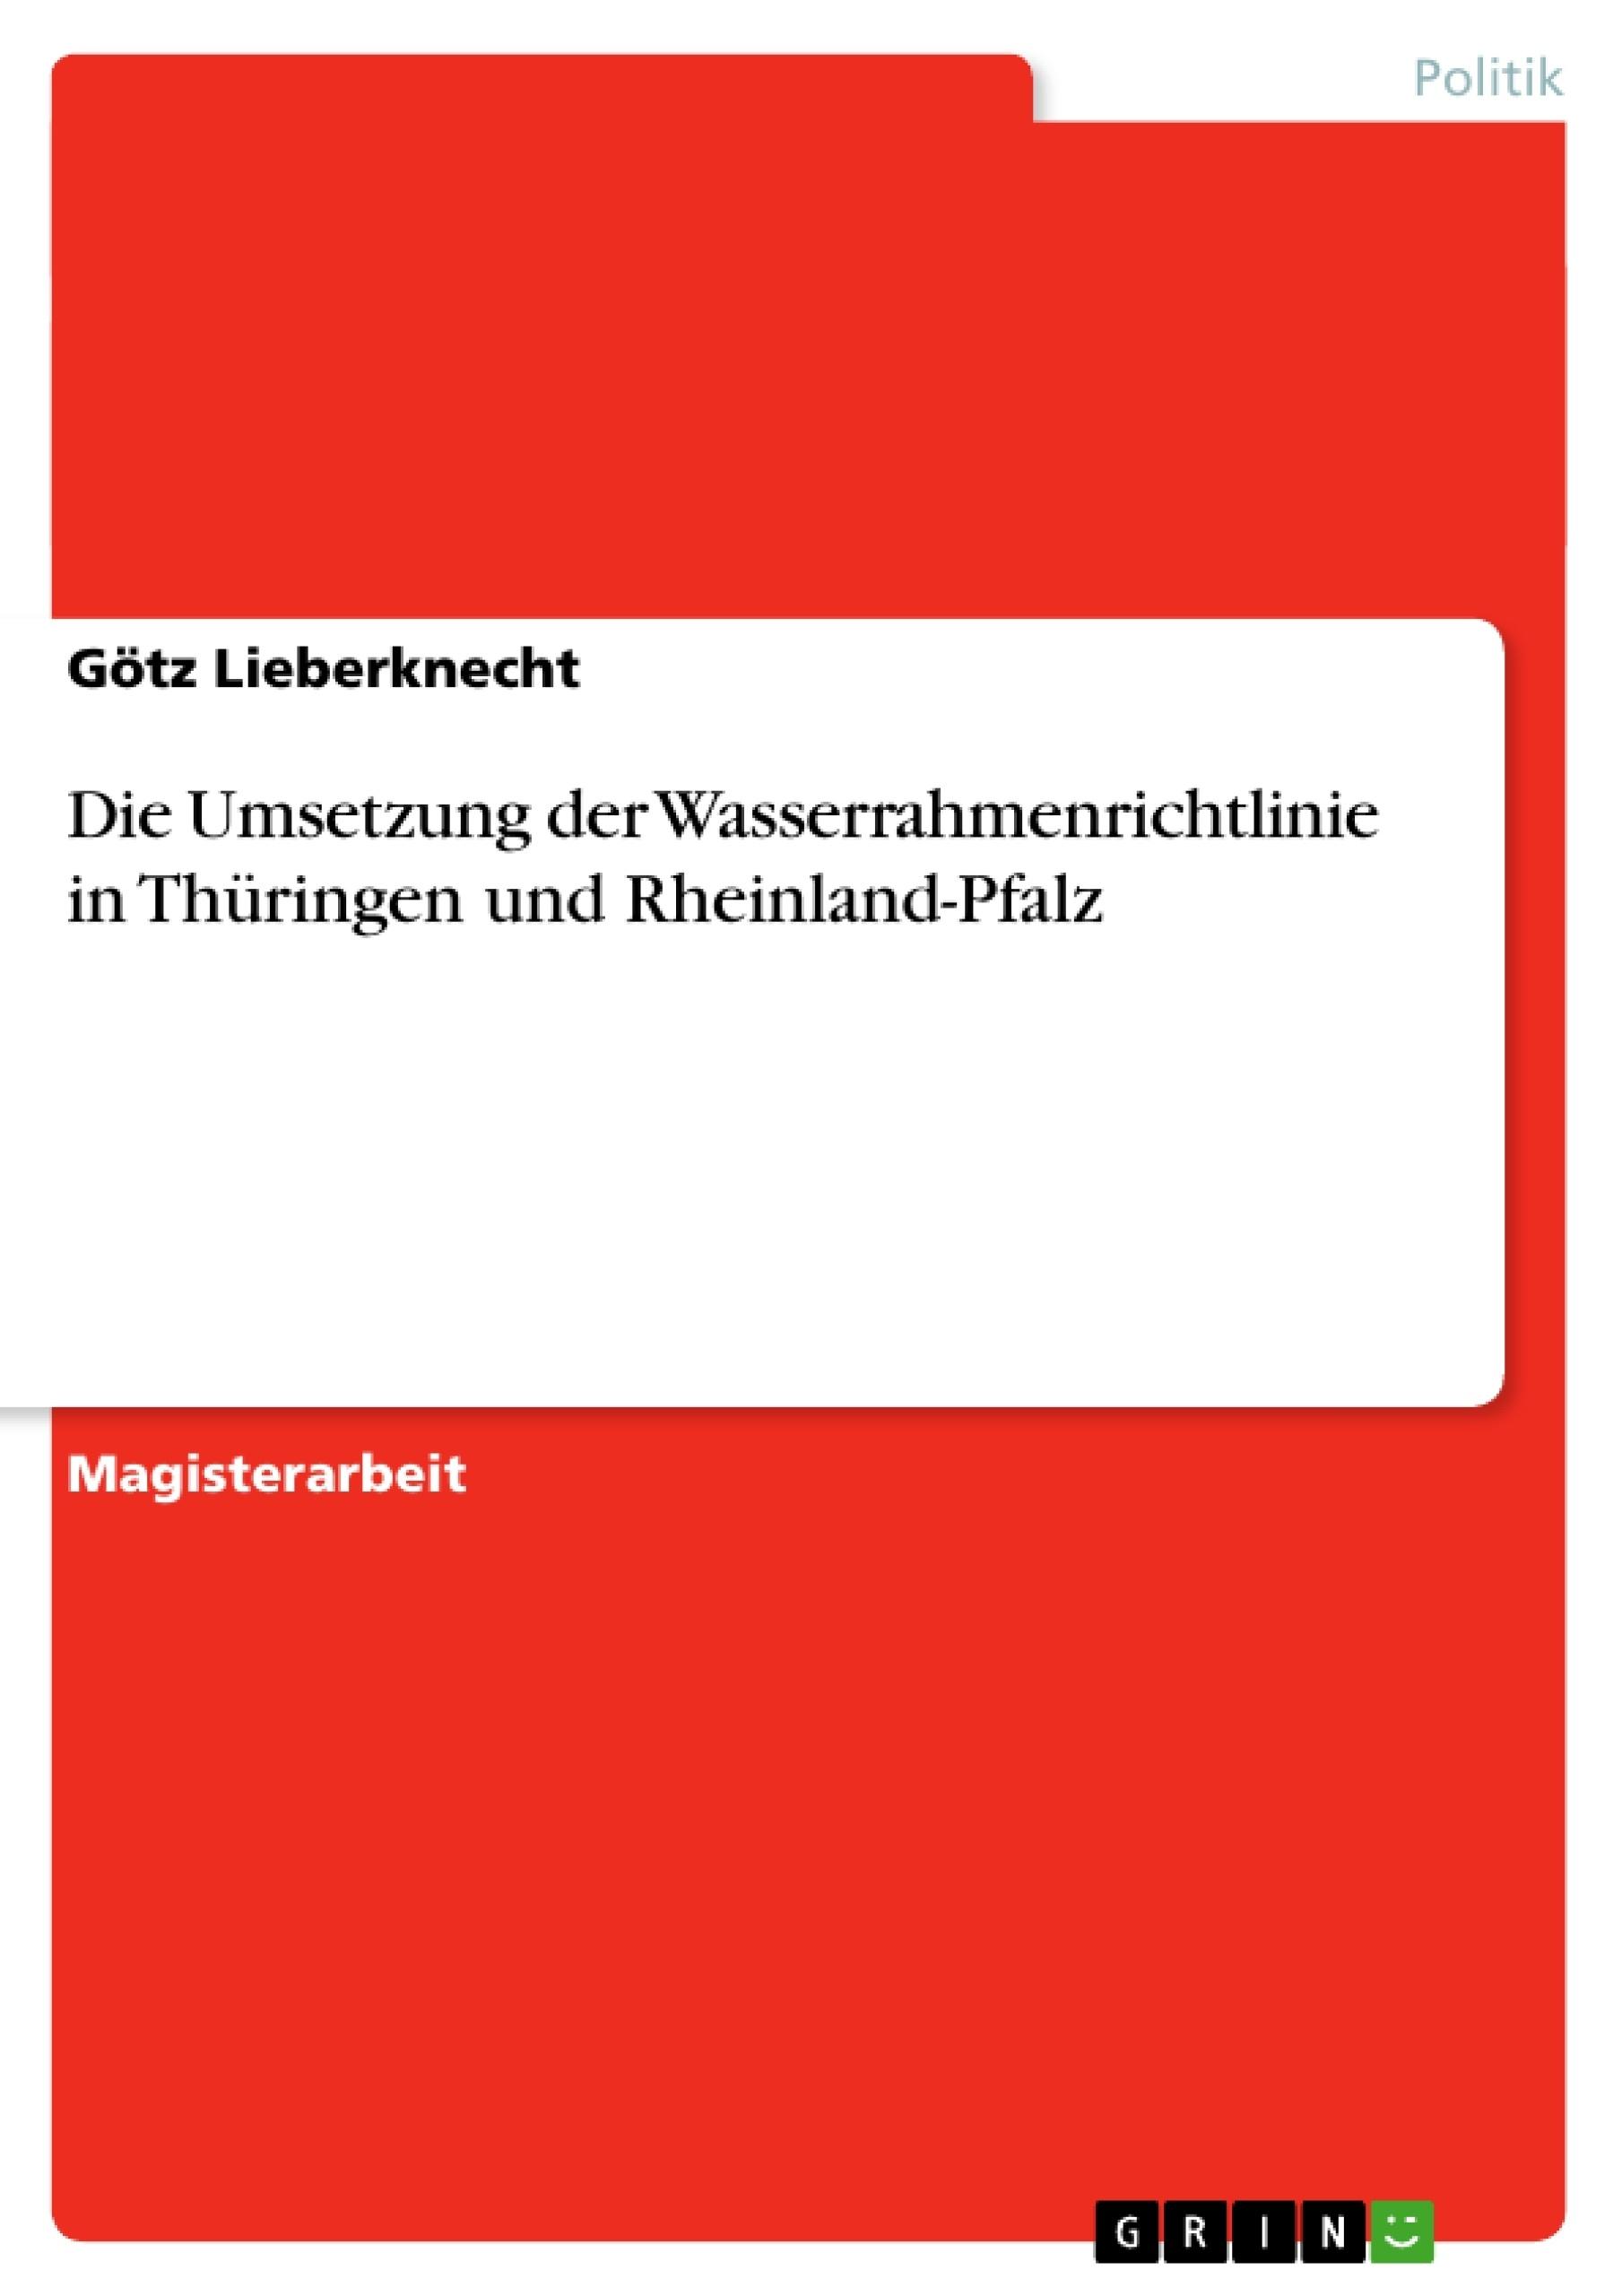 Titel: Die Umsetzung der Wasserrahmenrichtlinie in Thüringen und Rheinland-Pfalz